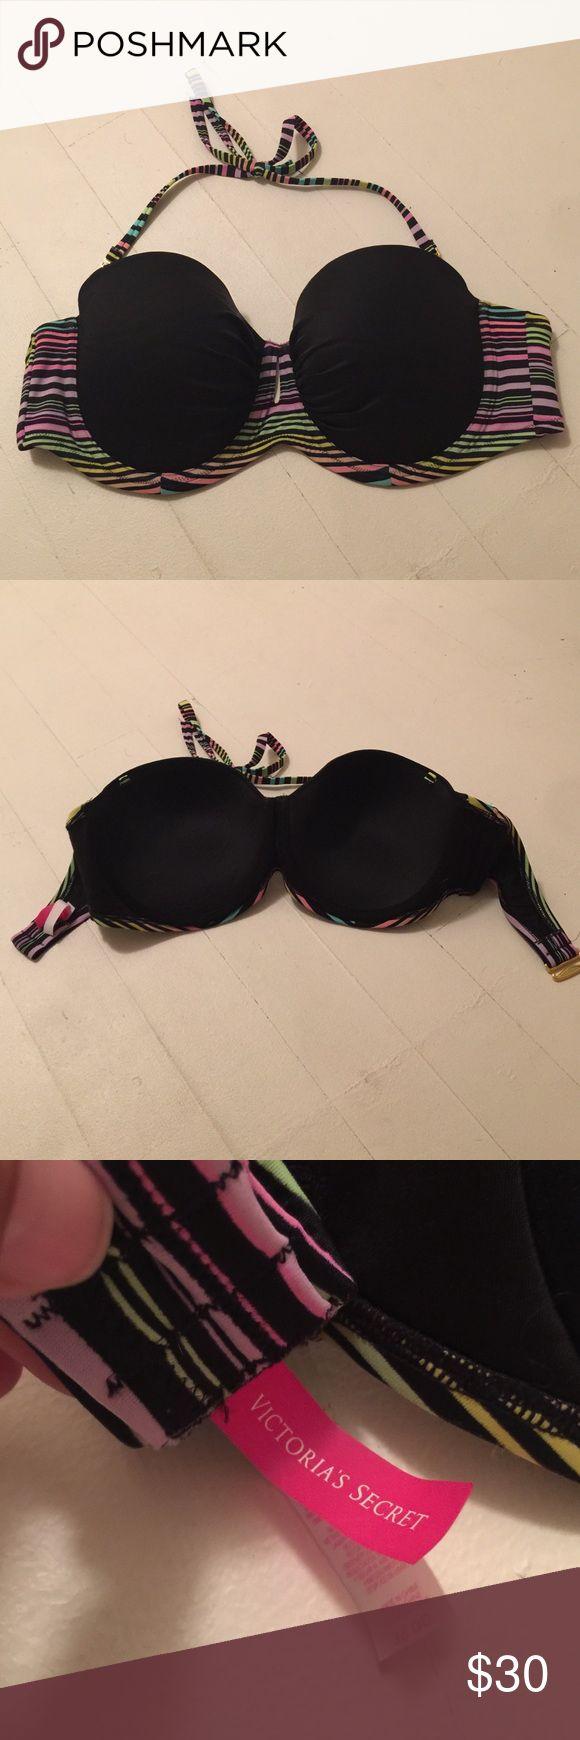 Victoria secret bikini swim top Worn once Victoria secret bikini top Victoria's Secret Swim Bikinis